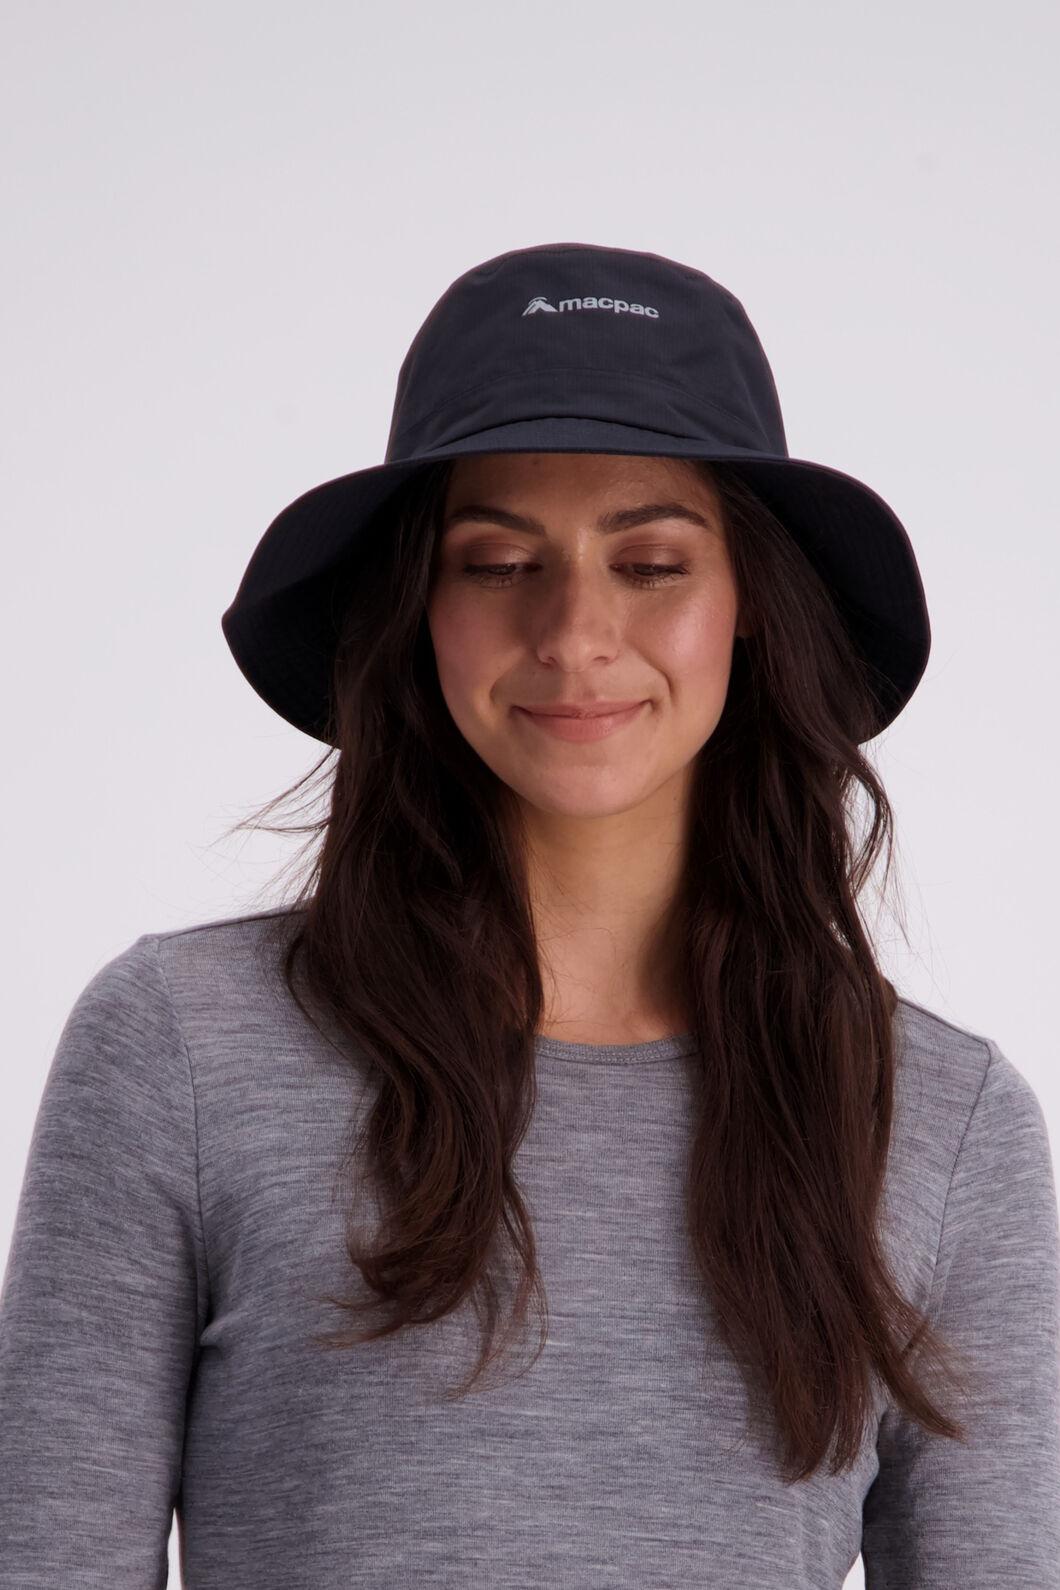 a563eee6b1079 Macpac Waterproof Hat